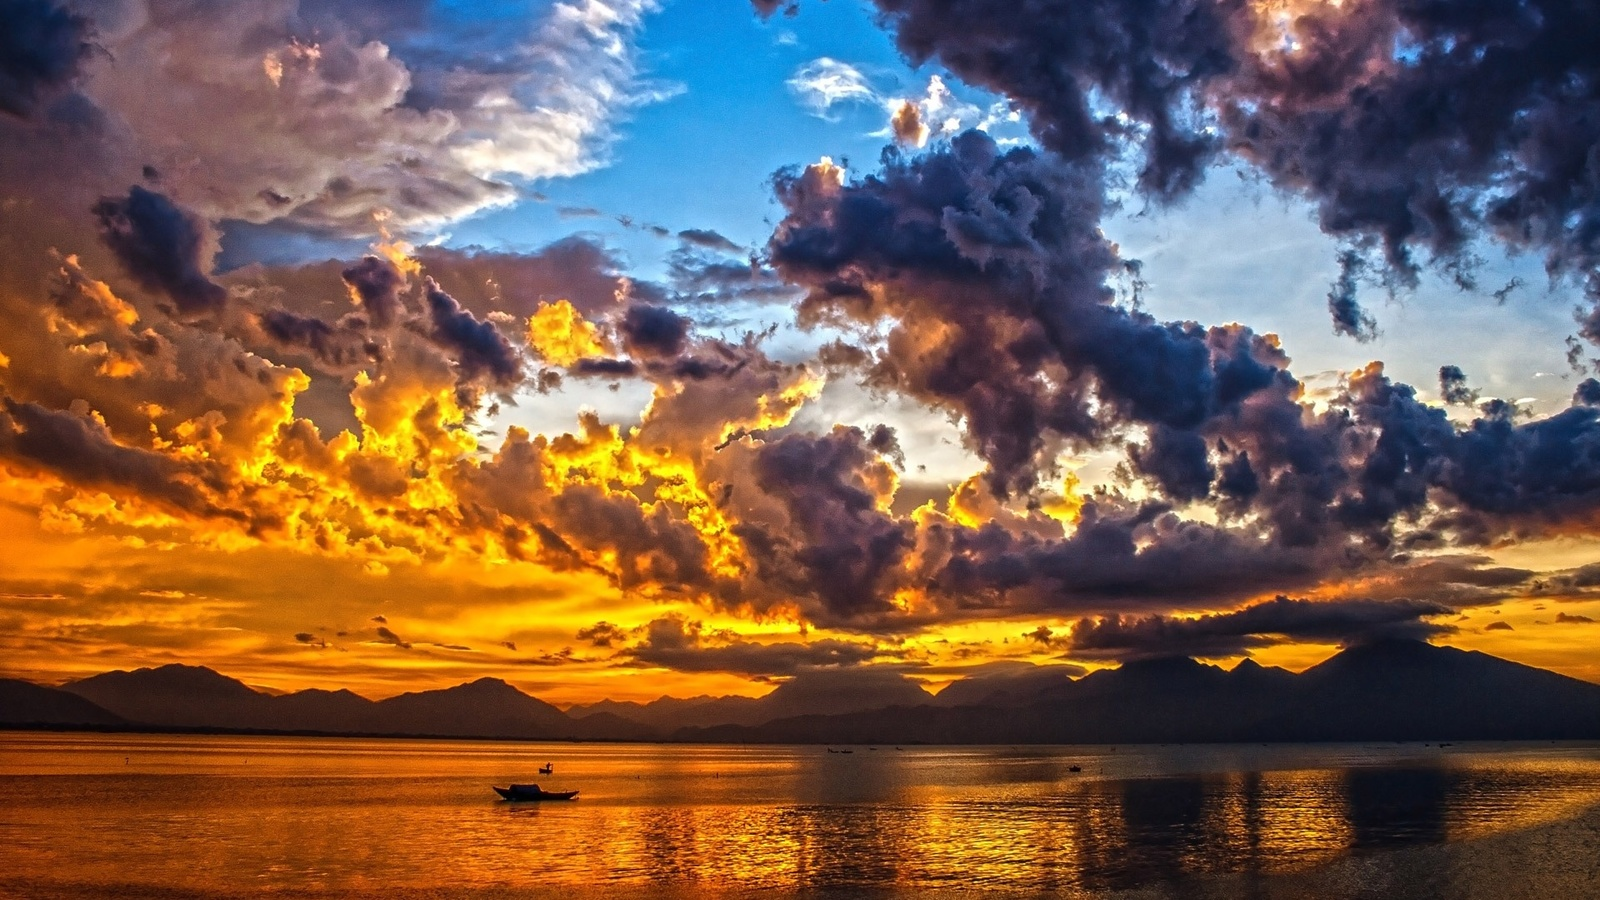 Картинки неба с облаками закат